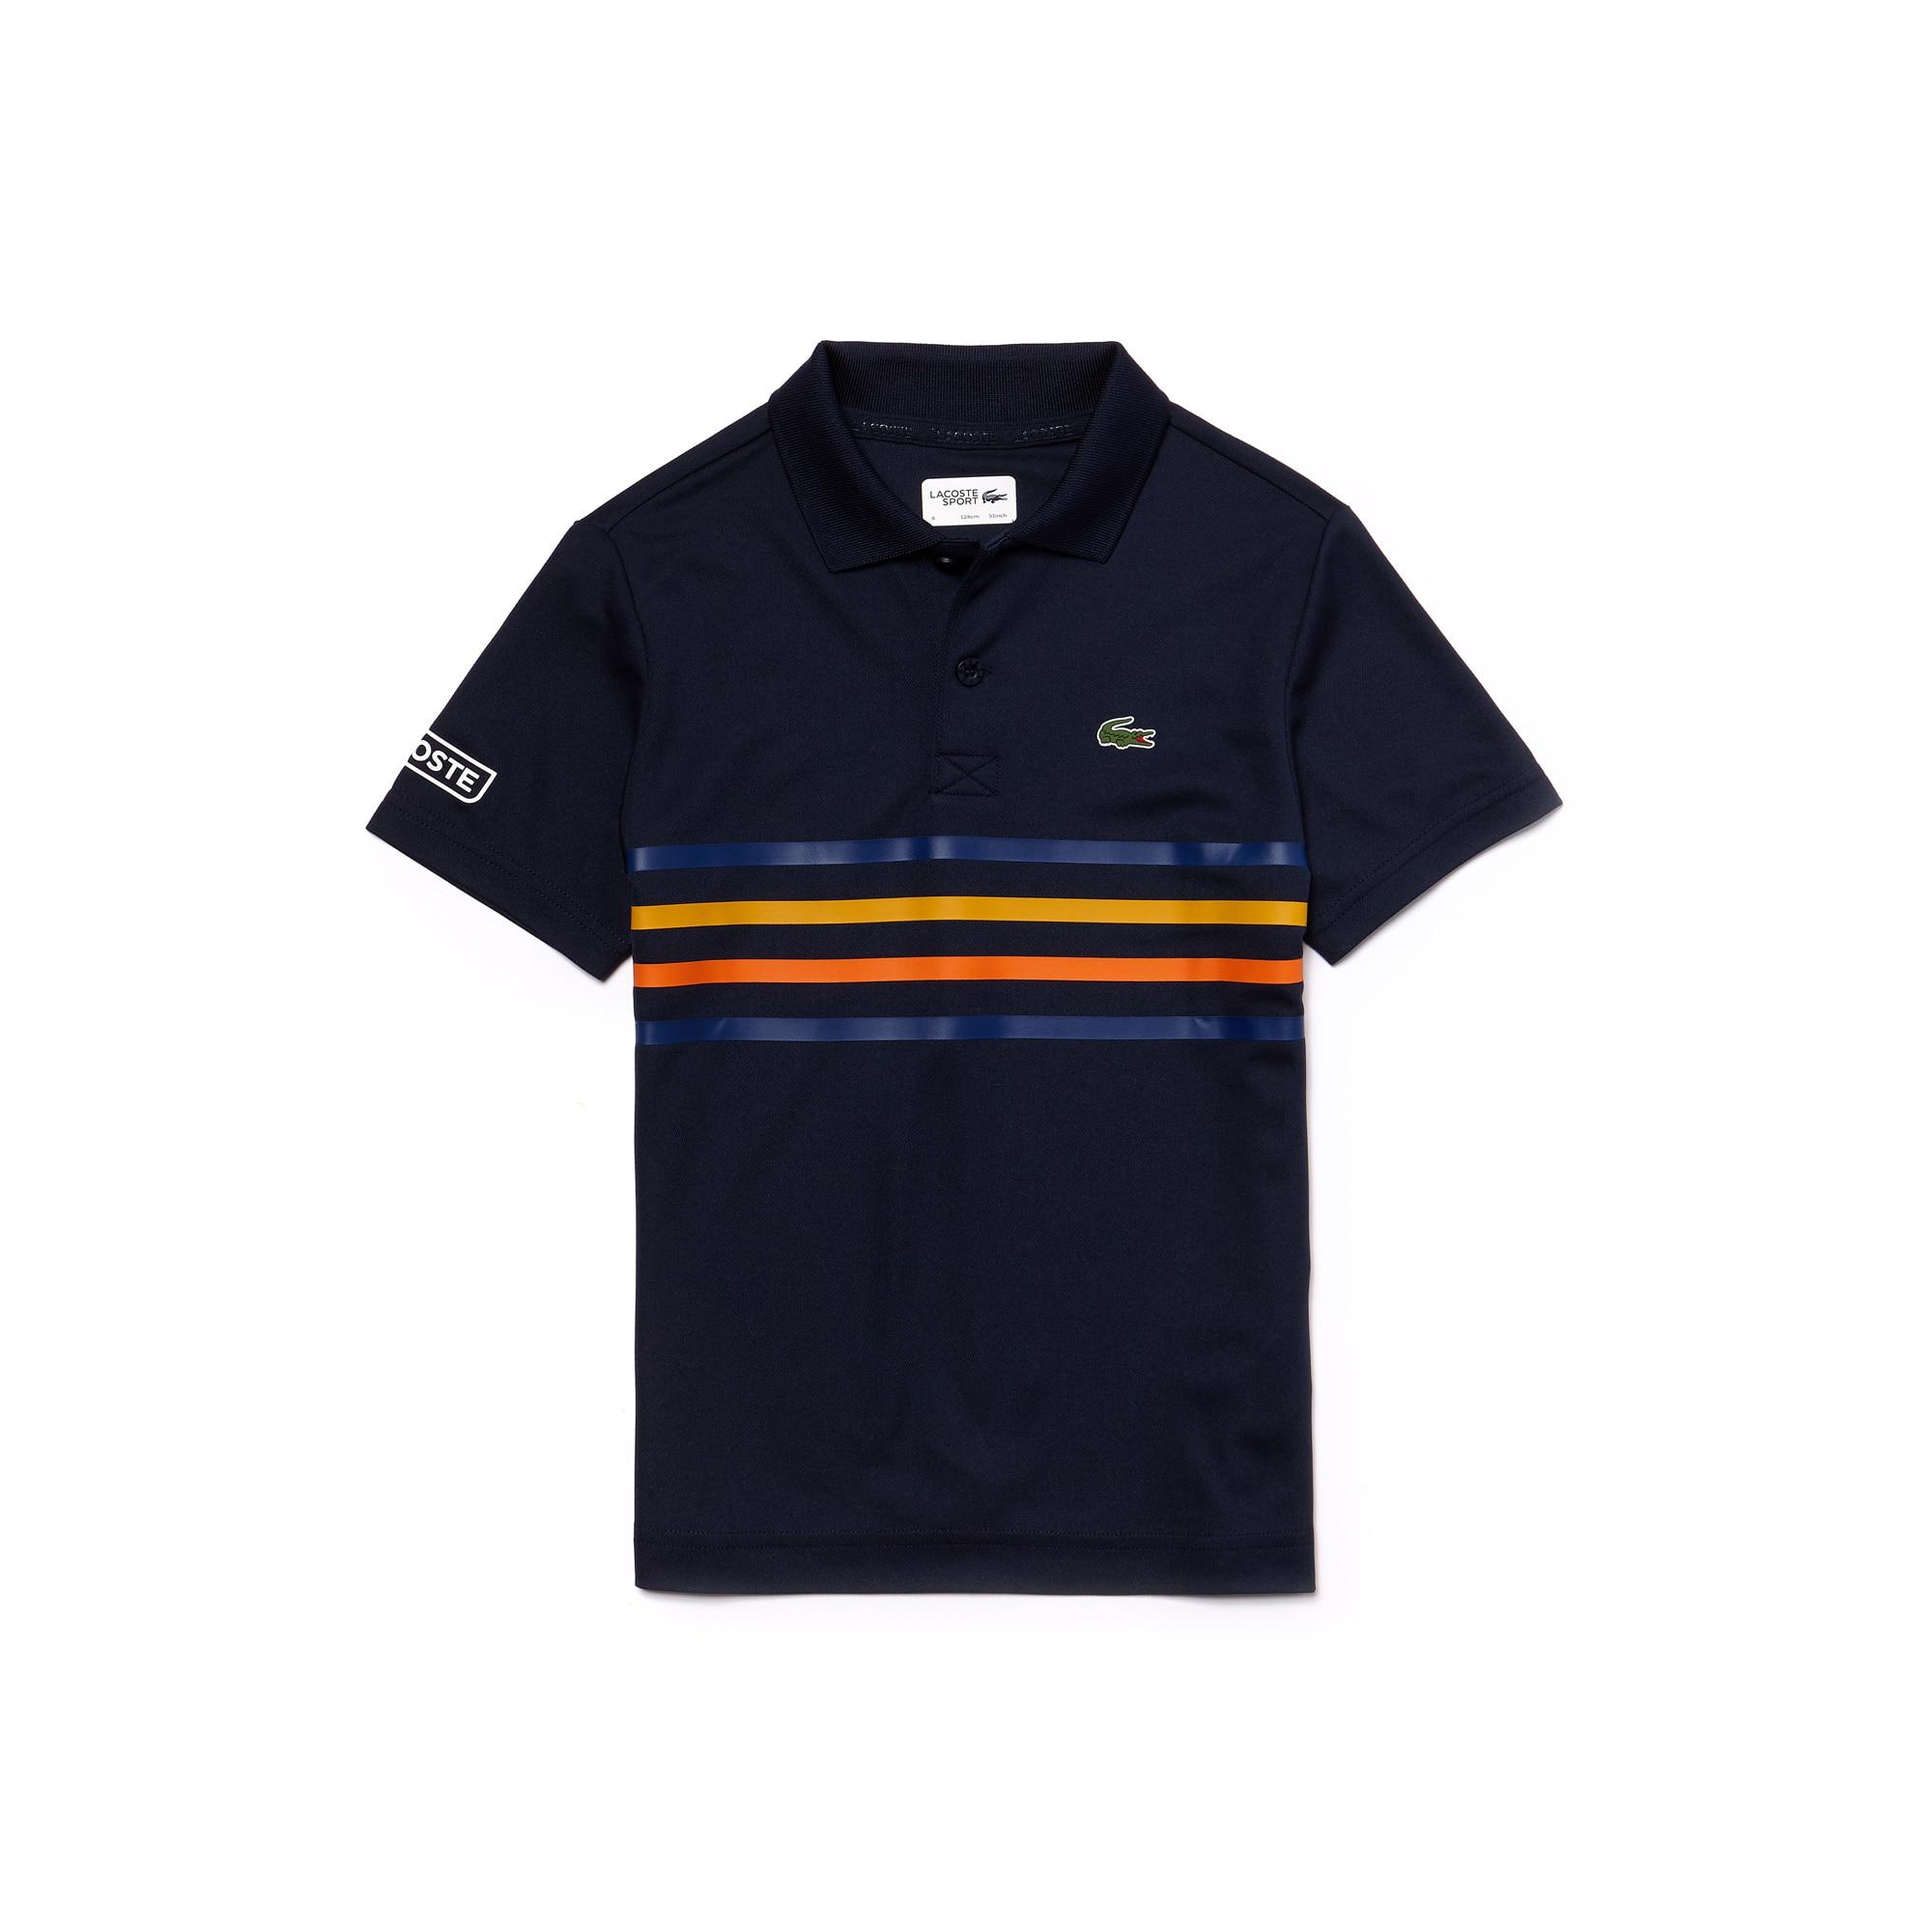 Jungen LACOSTE SPORT Tennis-Poloshirt mit Farbstreifen